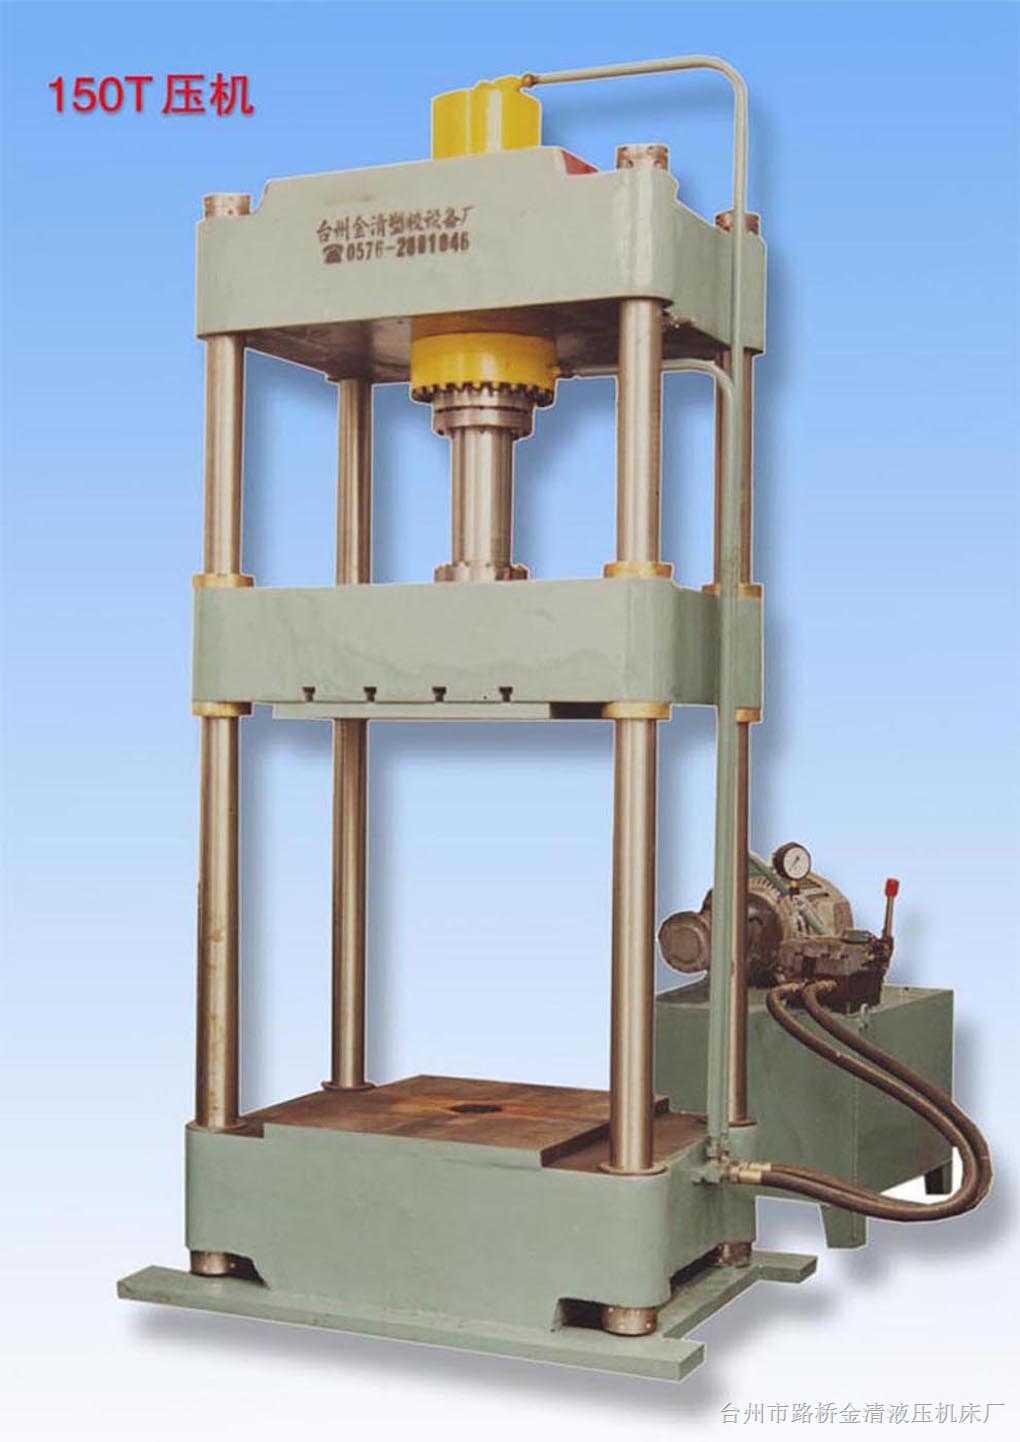 (液压机,油压机,压力机)ys-100t四柱手动液压机图片